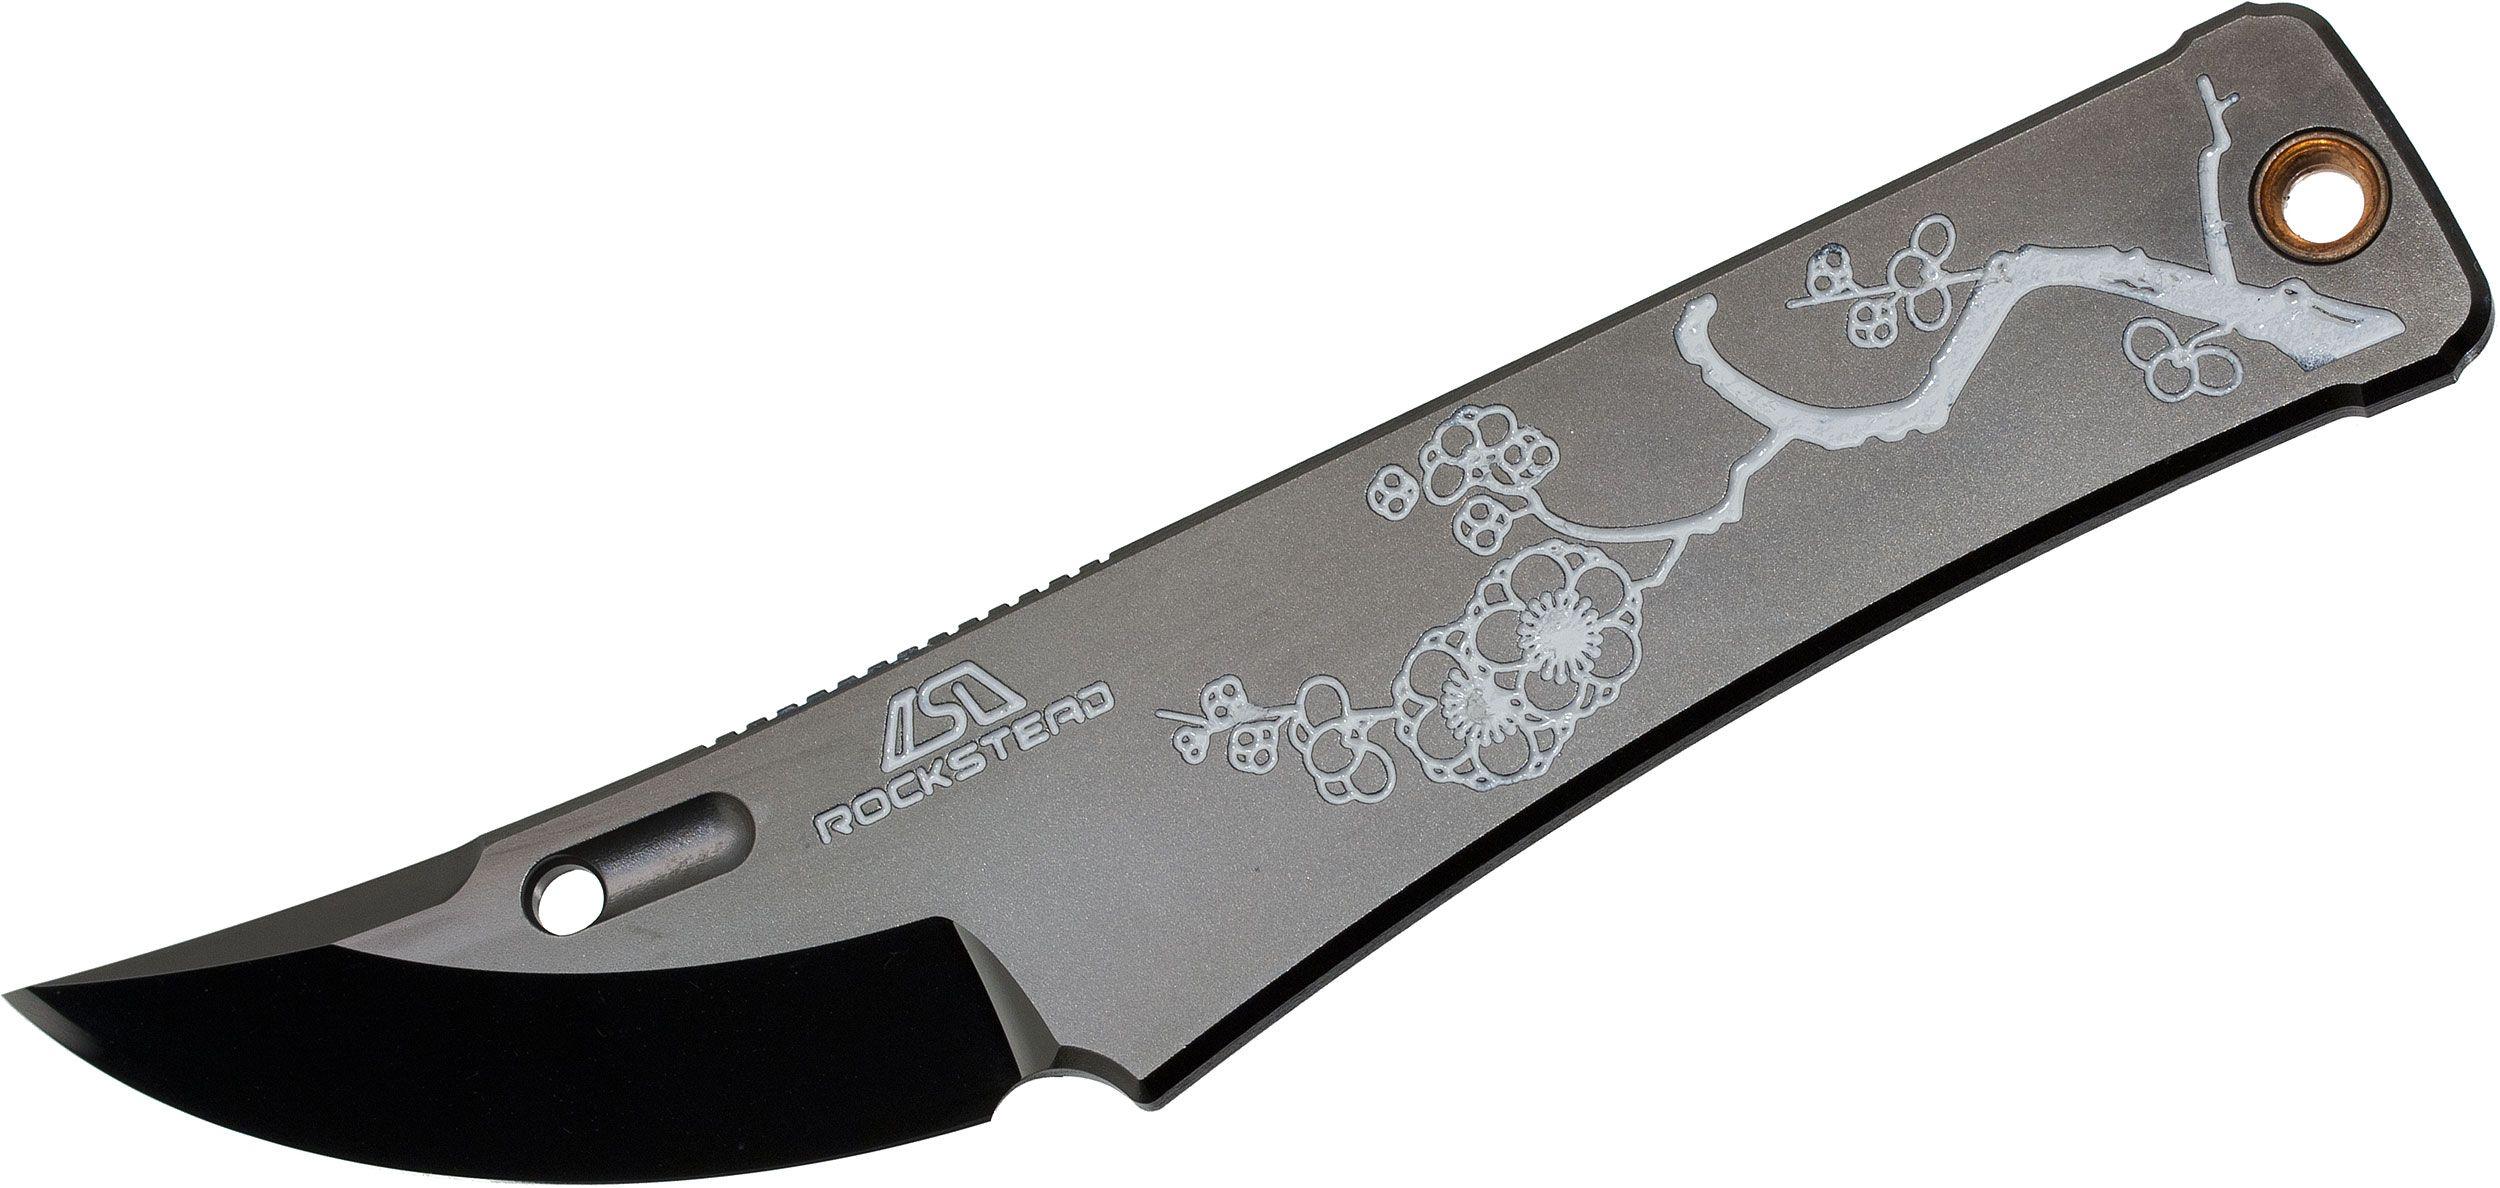 Rockstead CHOU-EP Japanese Neck Knife 1.875 inch YXR7 DLC Polished Blade,  inchPlum inch Etching, Kydex Sheath